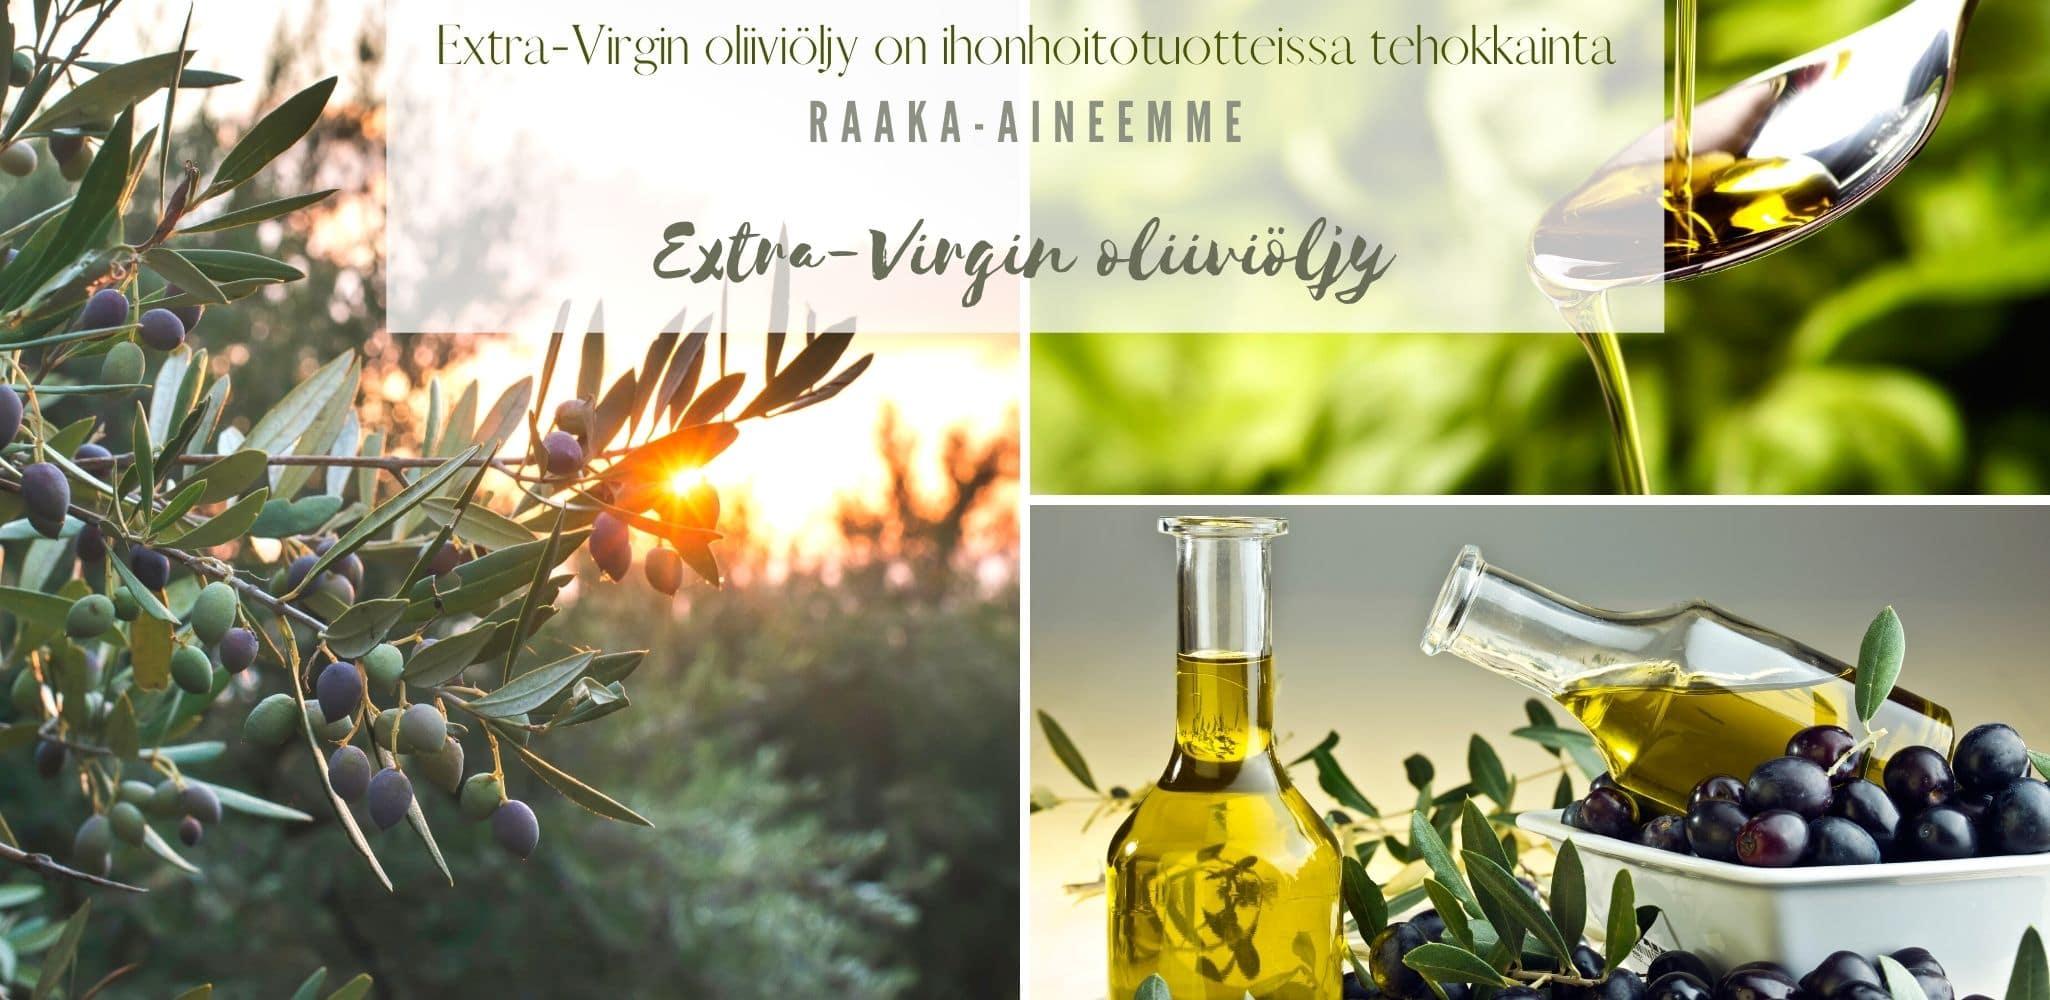 Extra-Virgin oliiviöljy on ihonhoitotuotteissa tehokkainta raaka-aineemme oliiviöljy